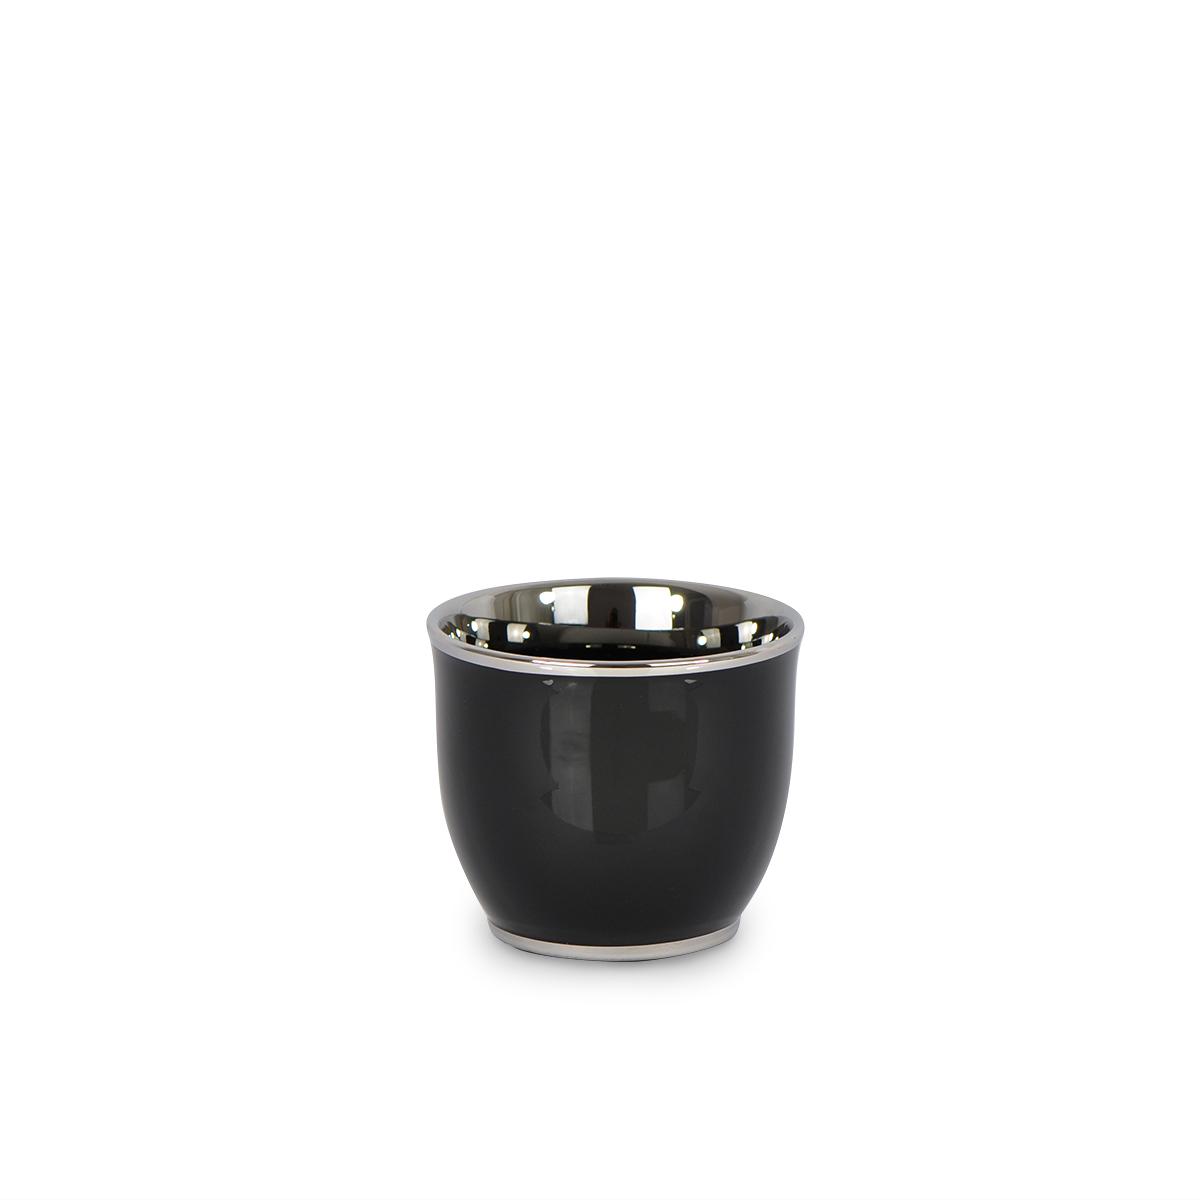 Doniczka Ceramiczna Czarna Okrągła Mała